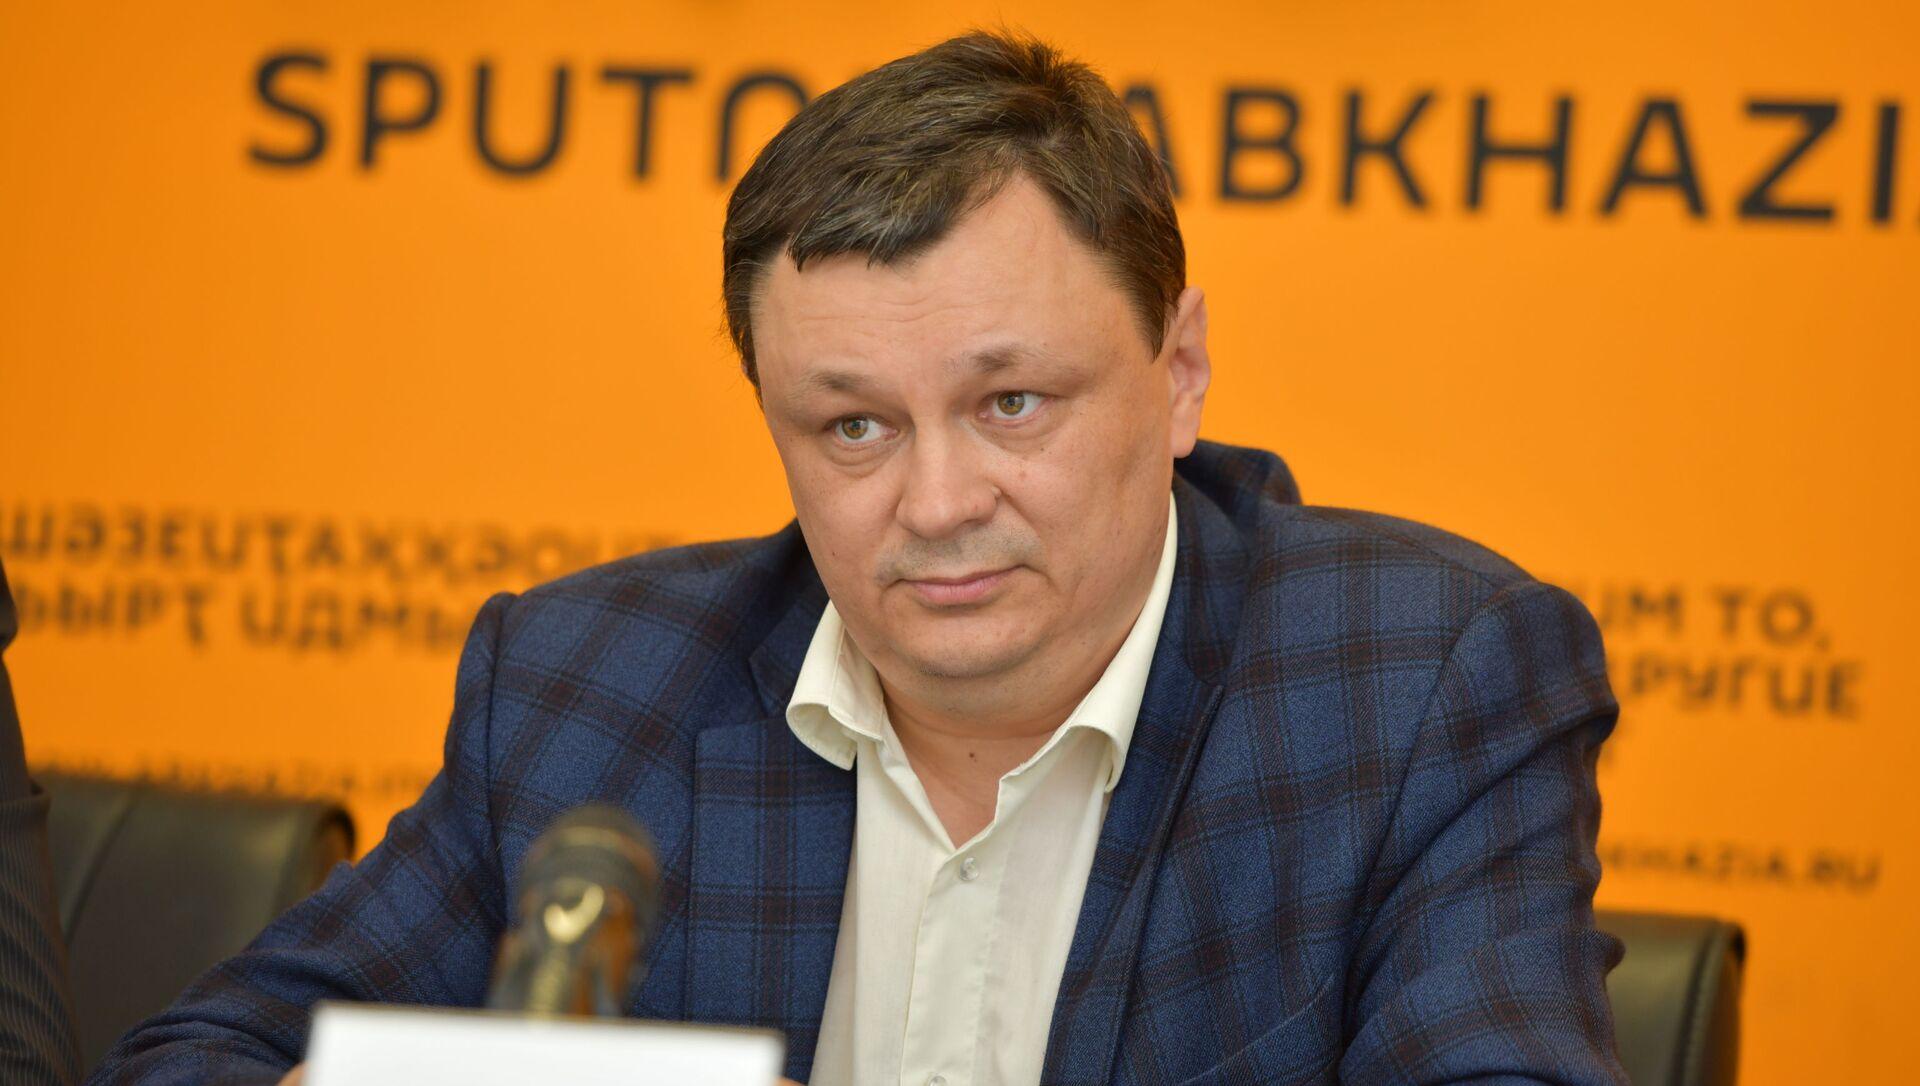 Вадим Чеха  - Sputnik Абхазия, 1920, 27.09.2021